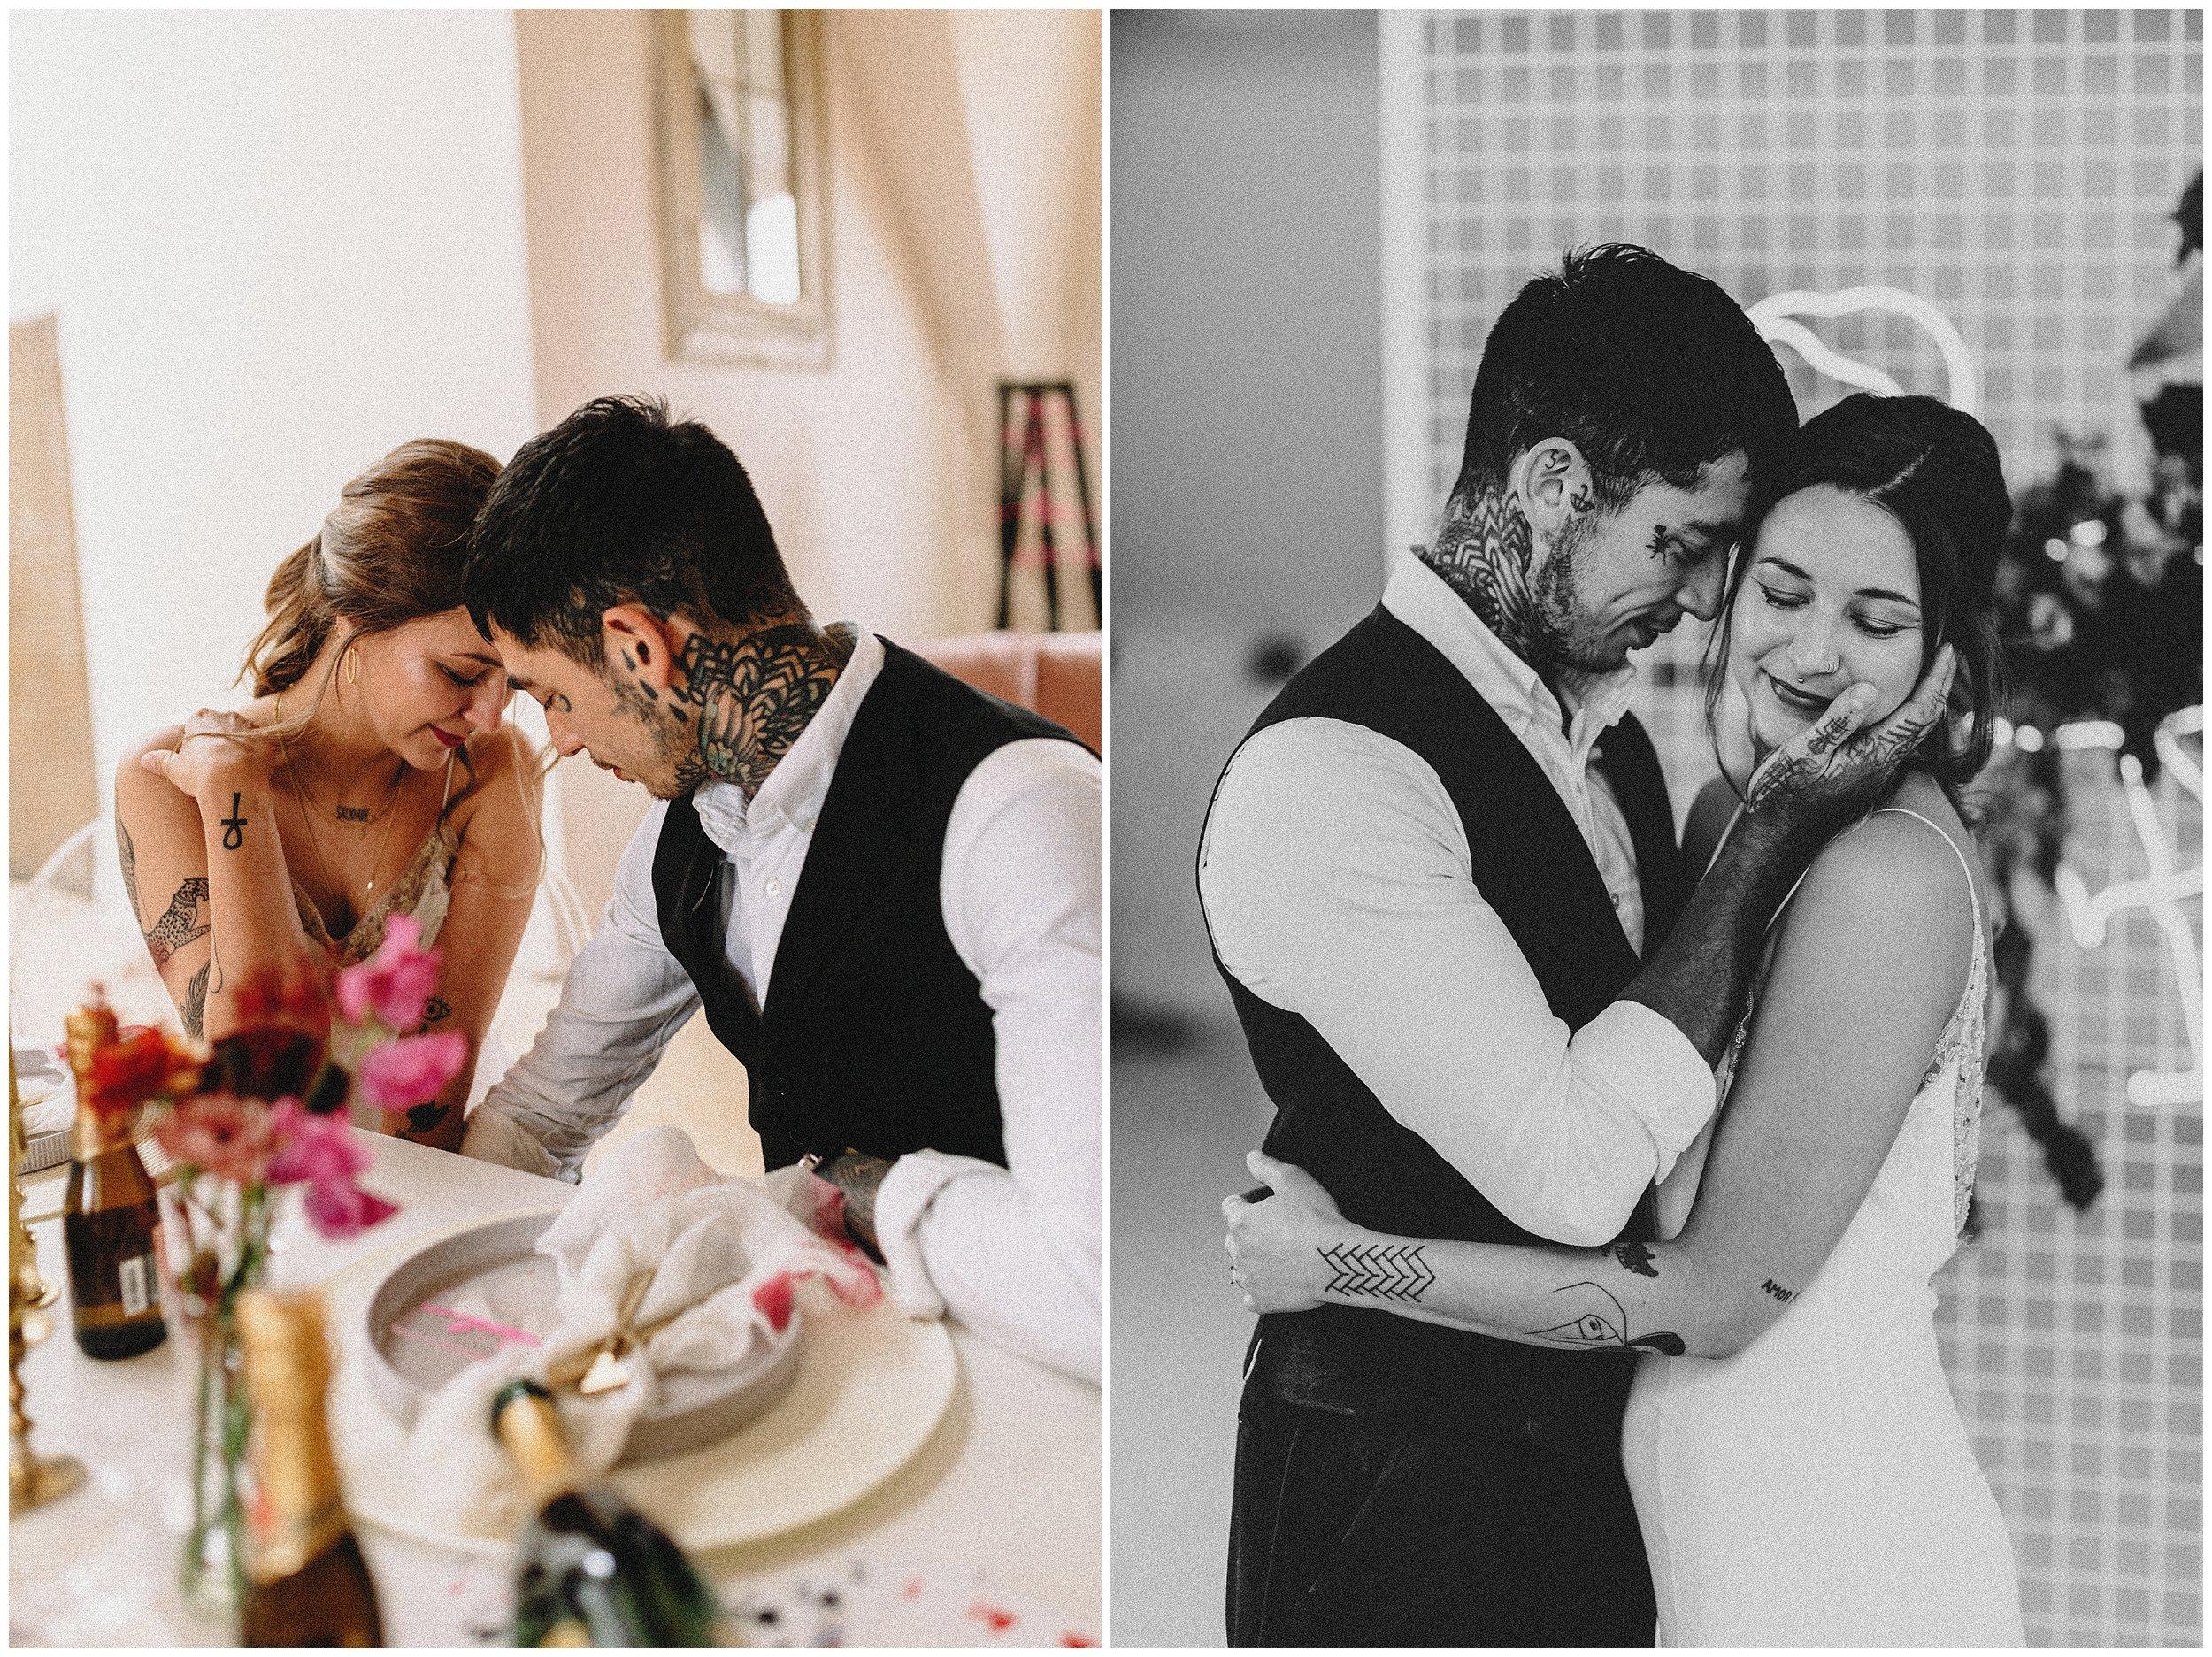 huwelijksfotografie-huwelijk-kempen-kust-lisa-helsen-photography_0004.jpg